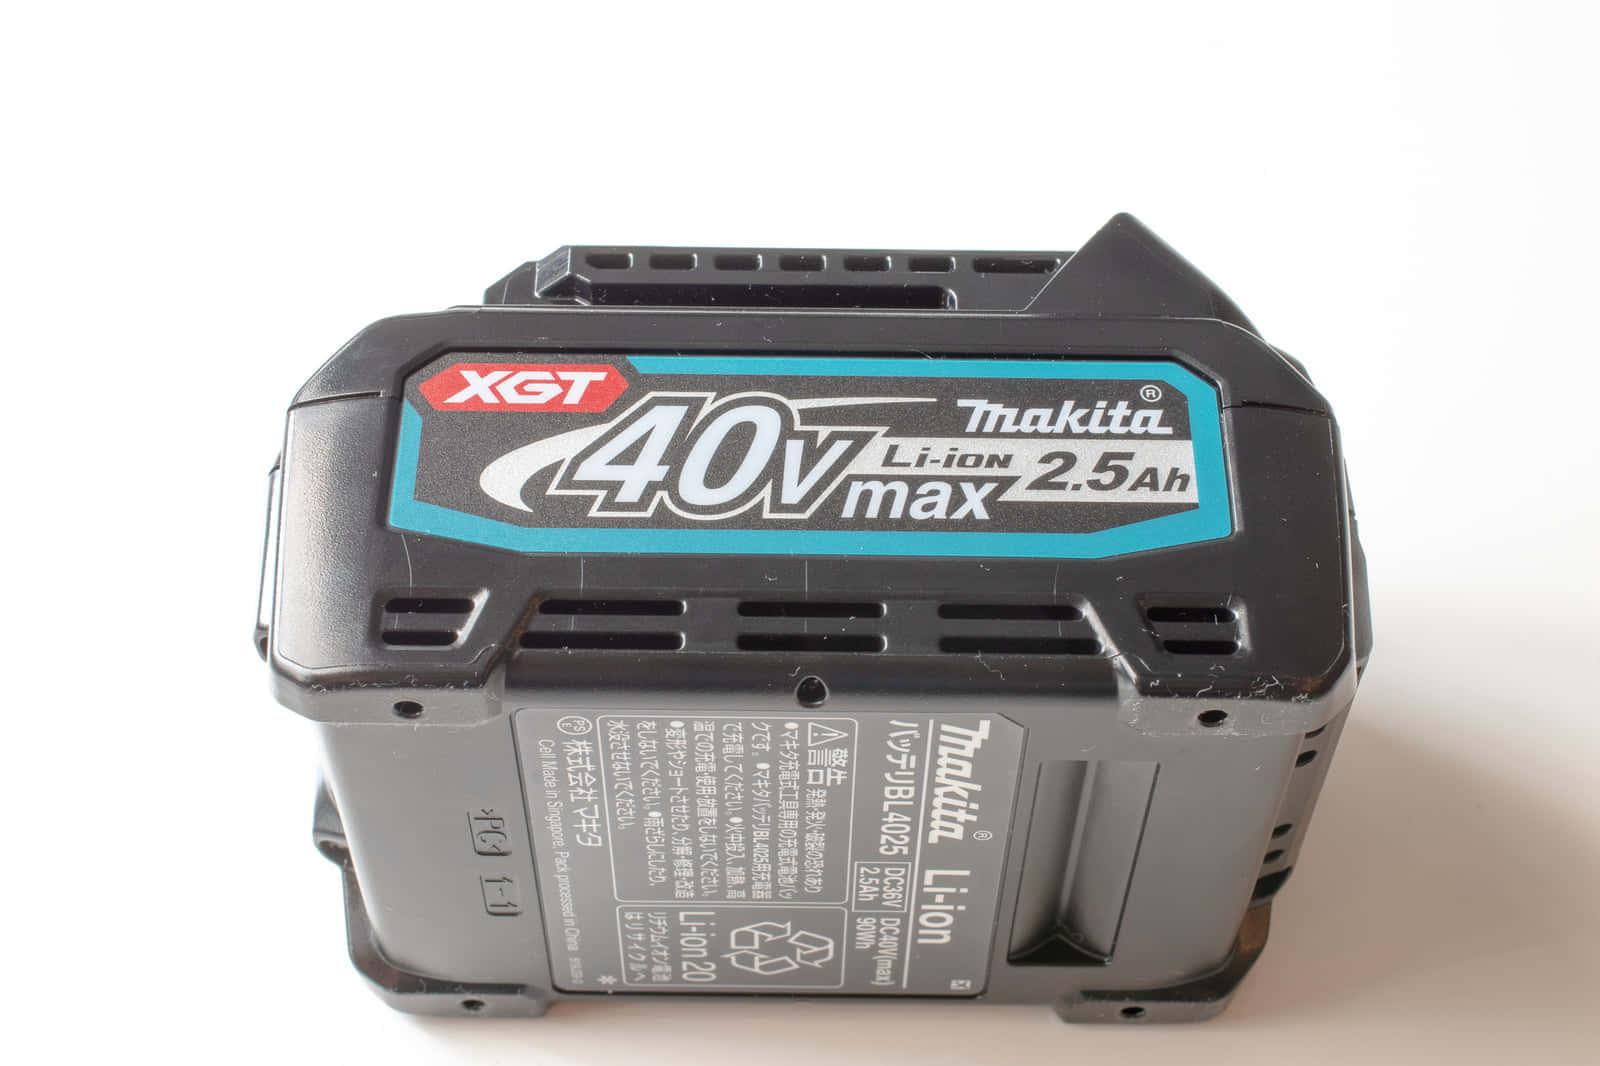 マキタの新40Vmaxバッテリーを分解して、防水バッテリーの秘密を探ってみた